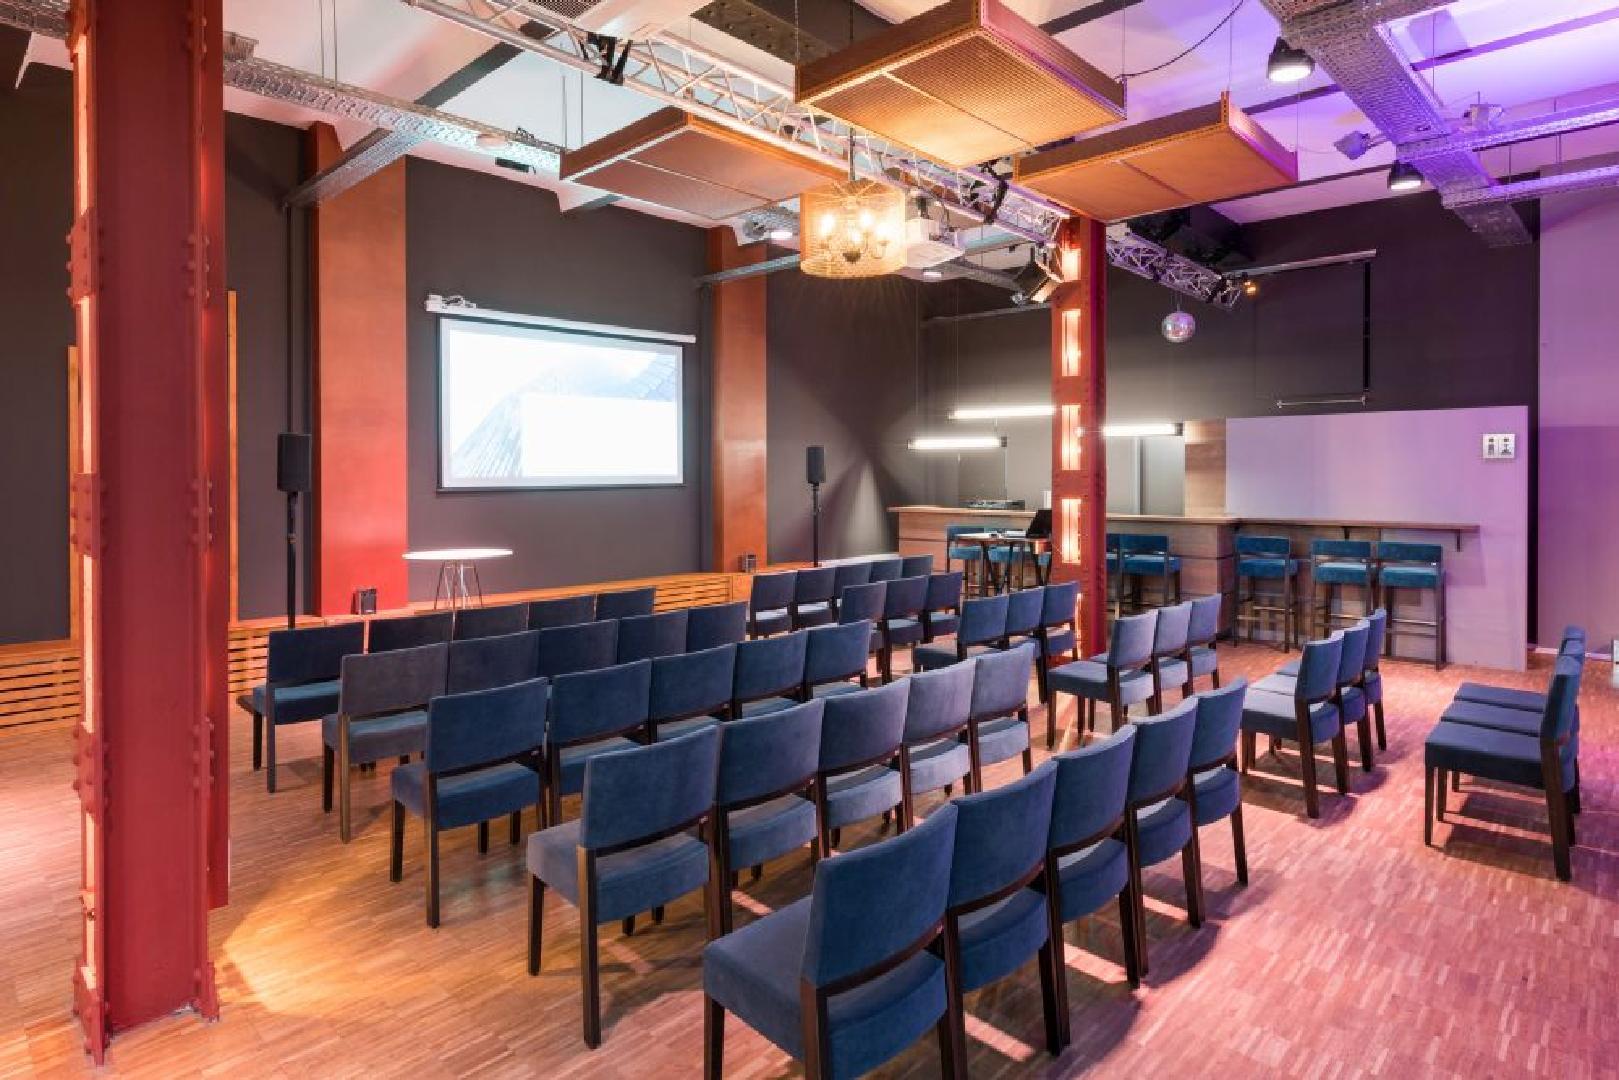 Palais Atelier mit Reihenbestuhlung für max. 80 Personen